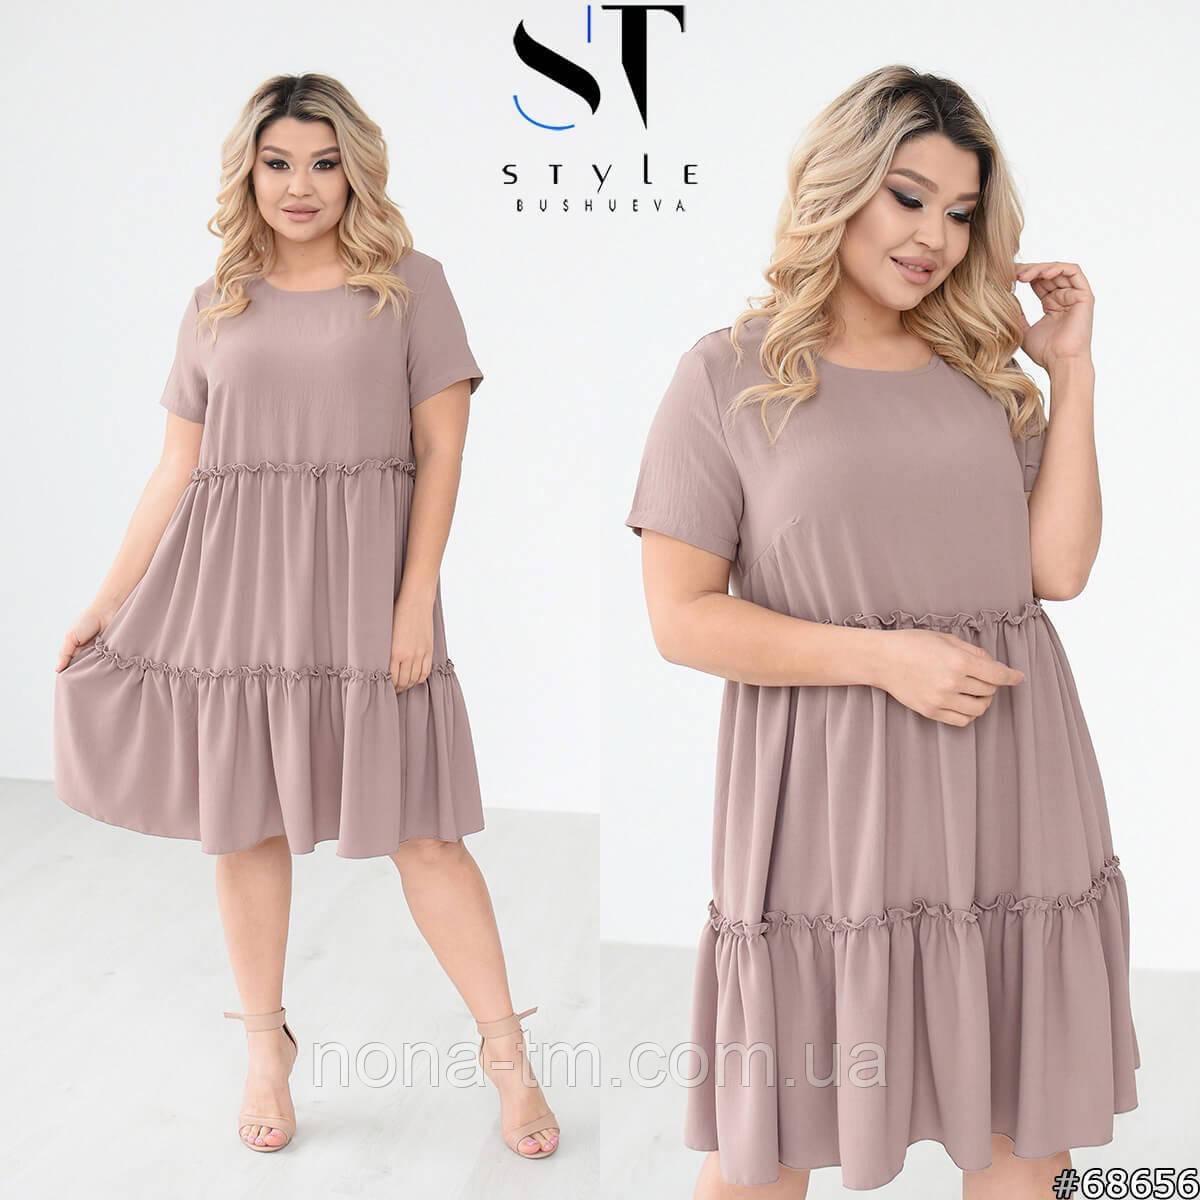 Женское платье летнее с коротким рукавом